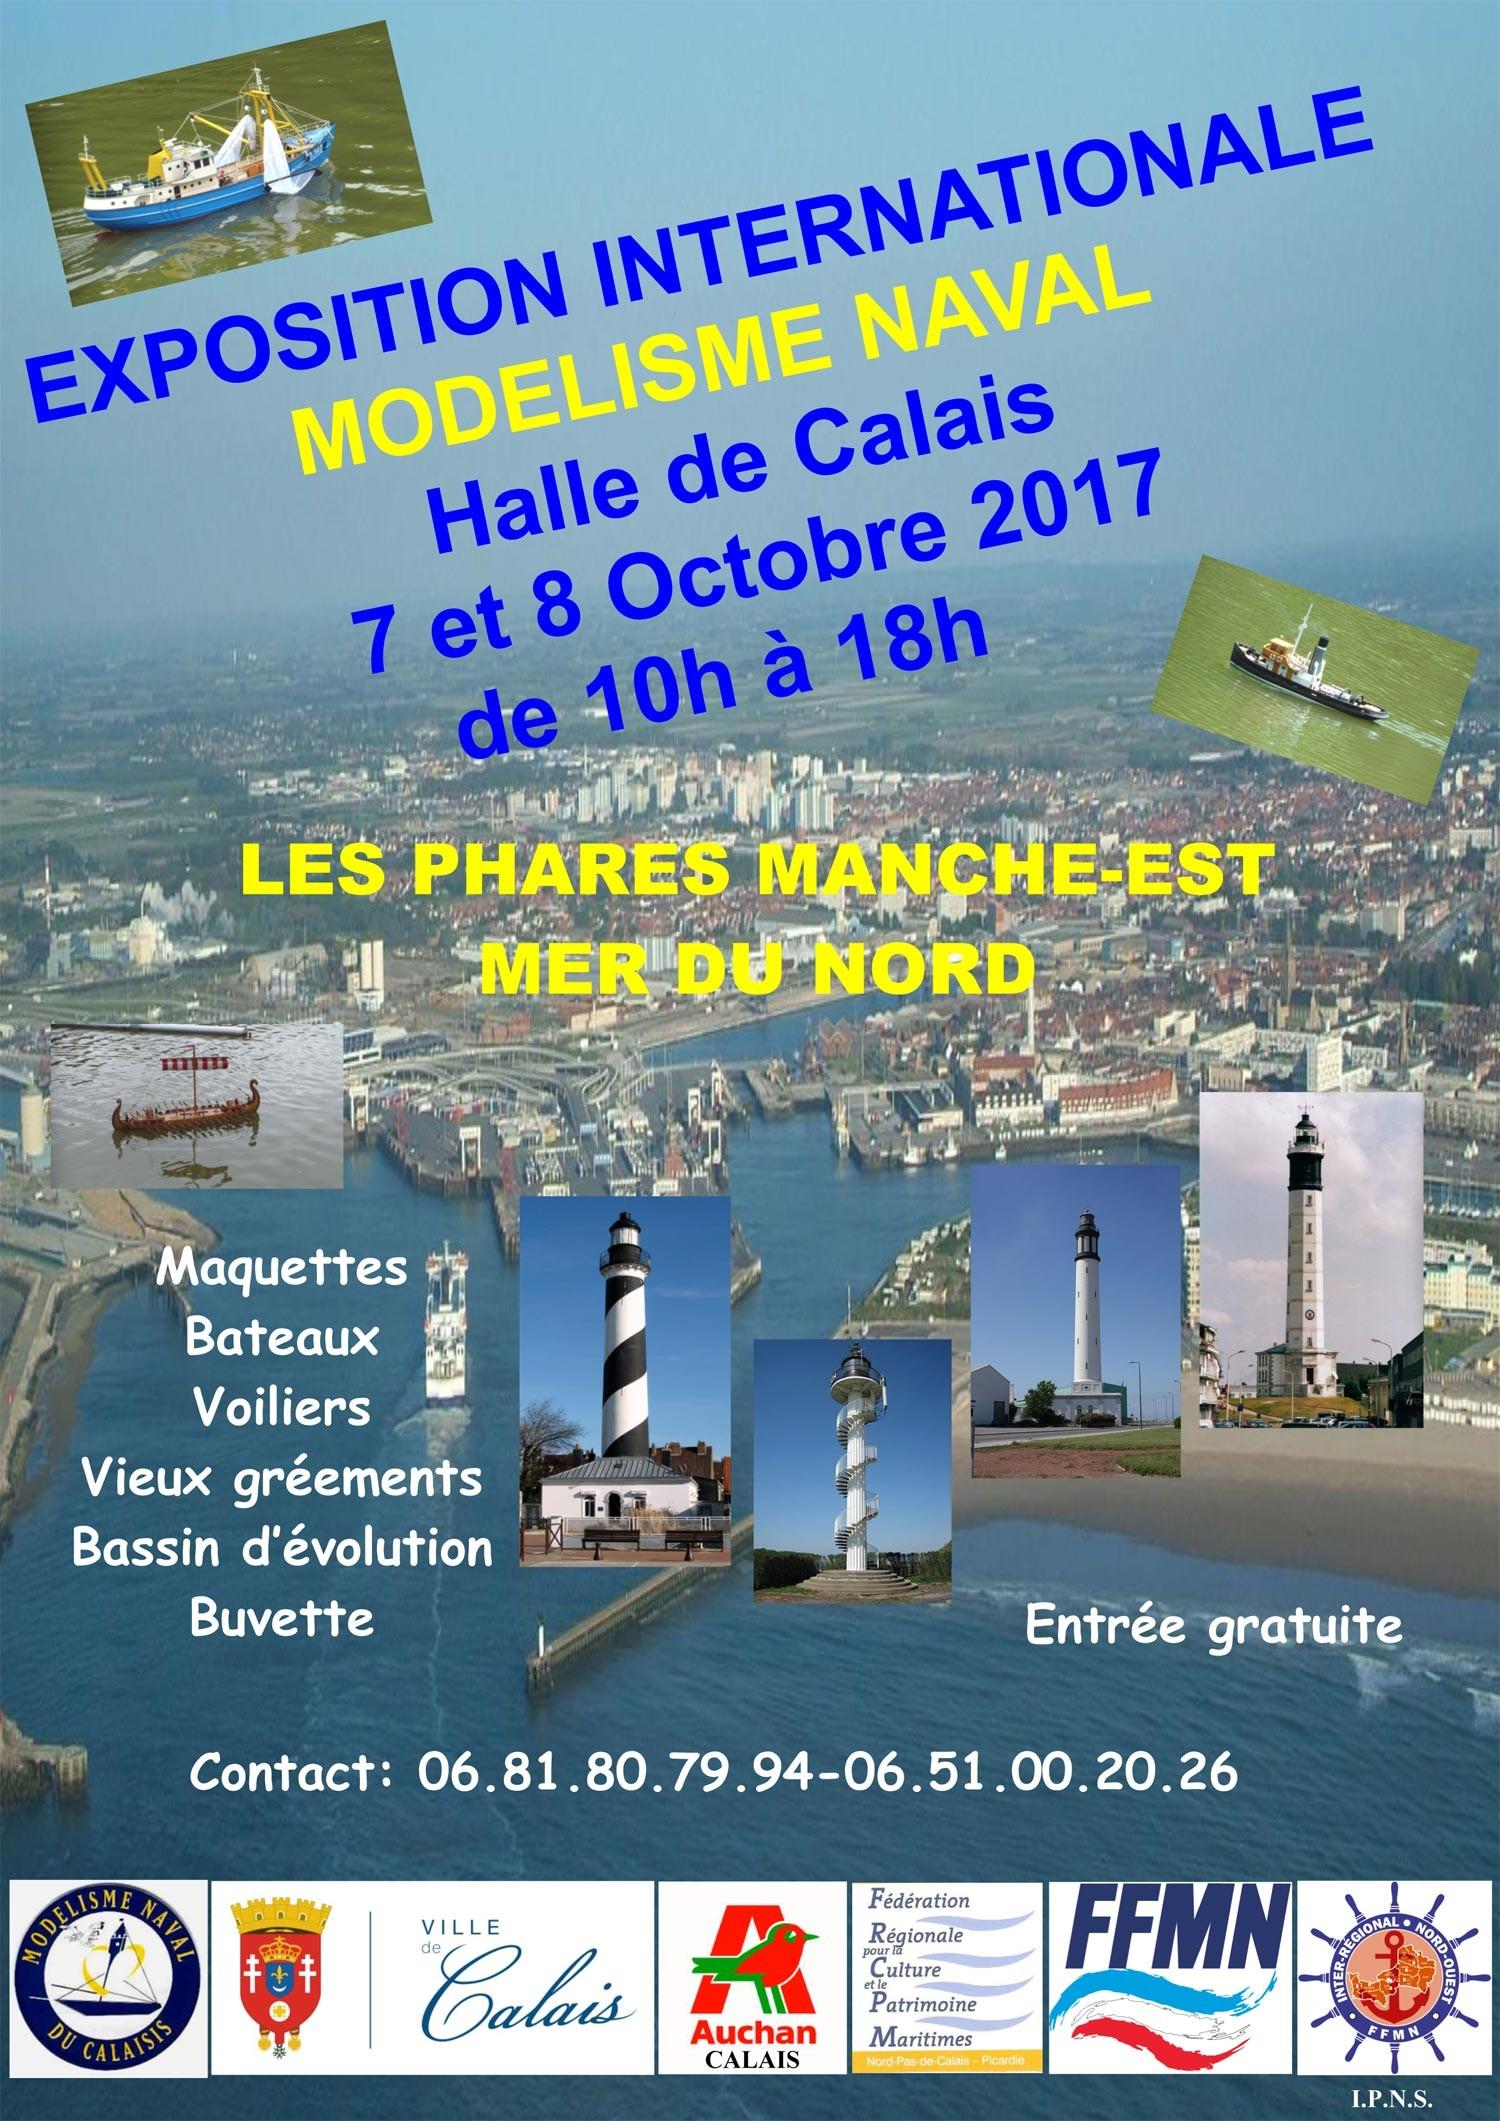 Affiche exposition modélisme naval Calais